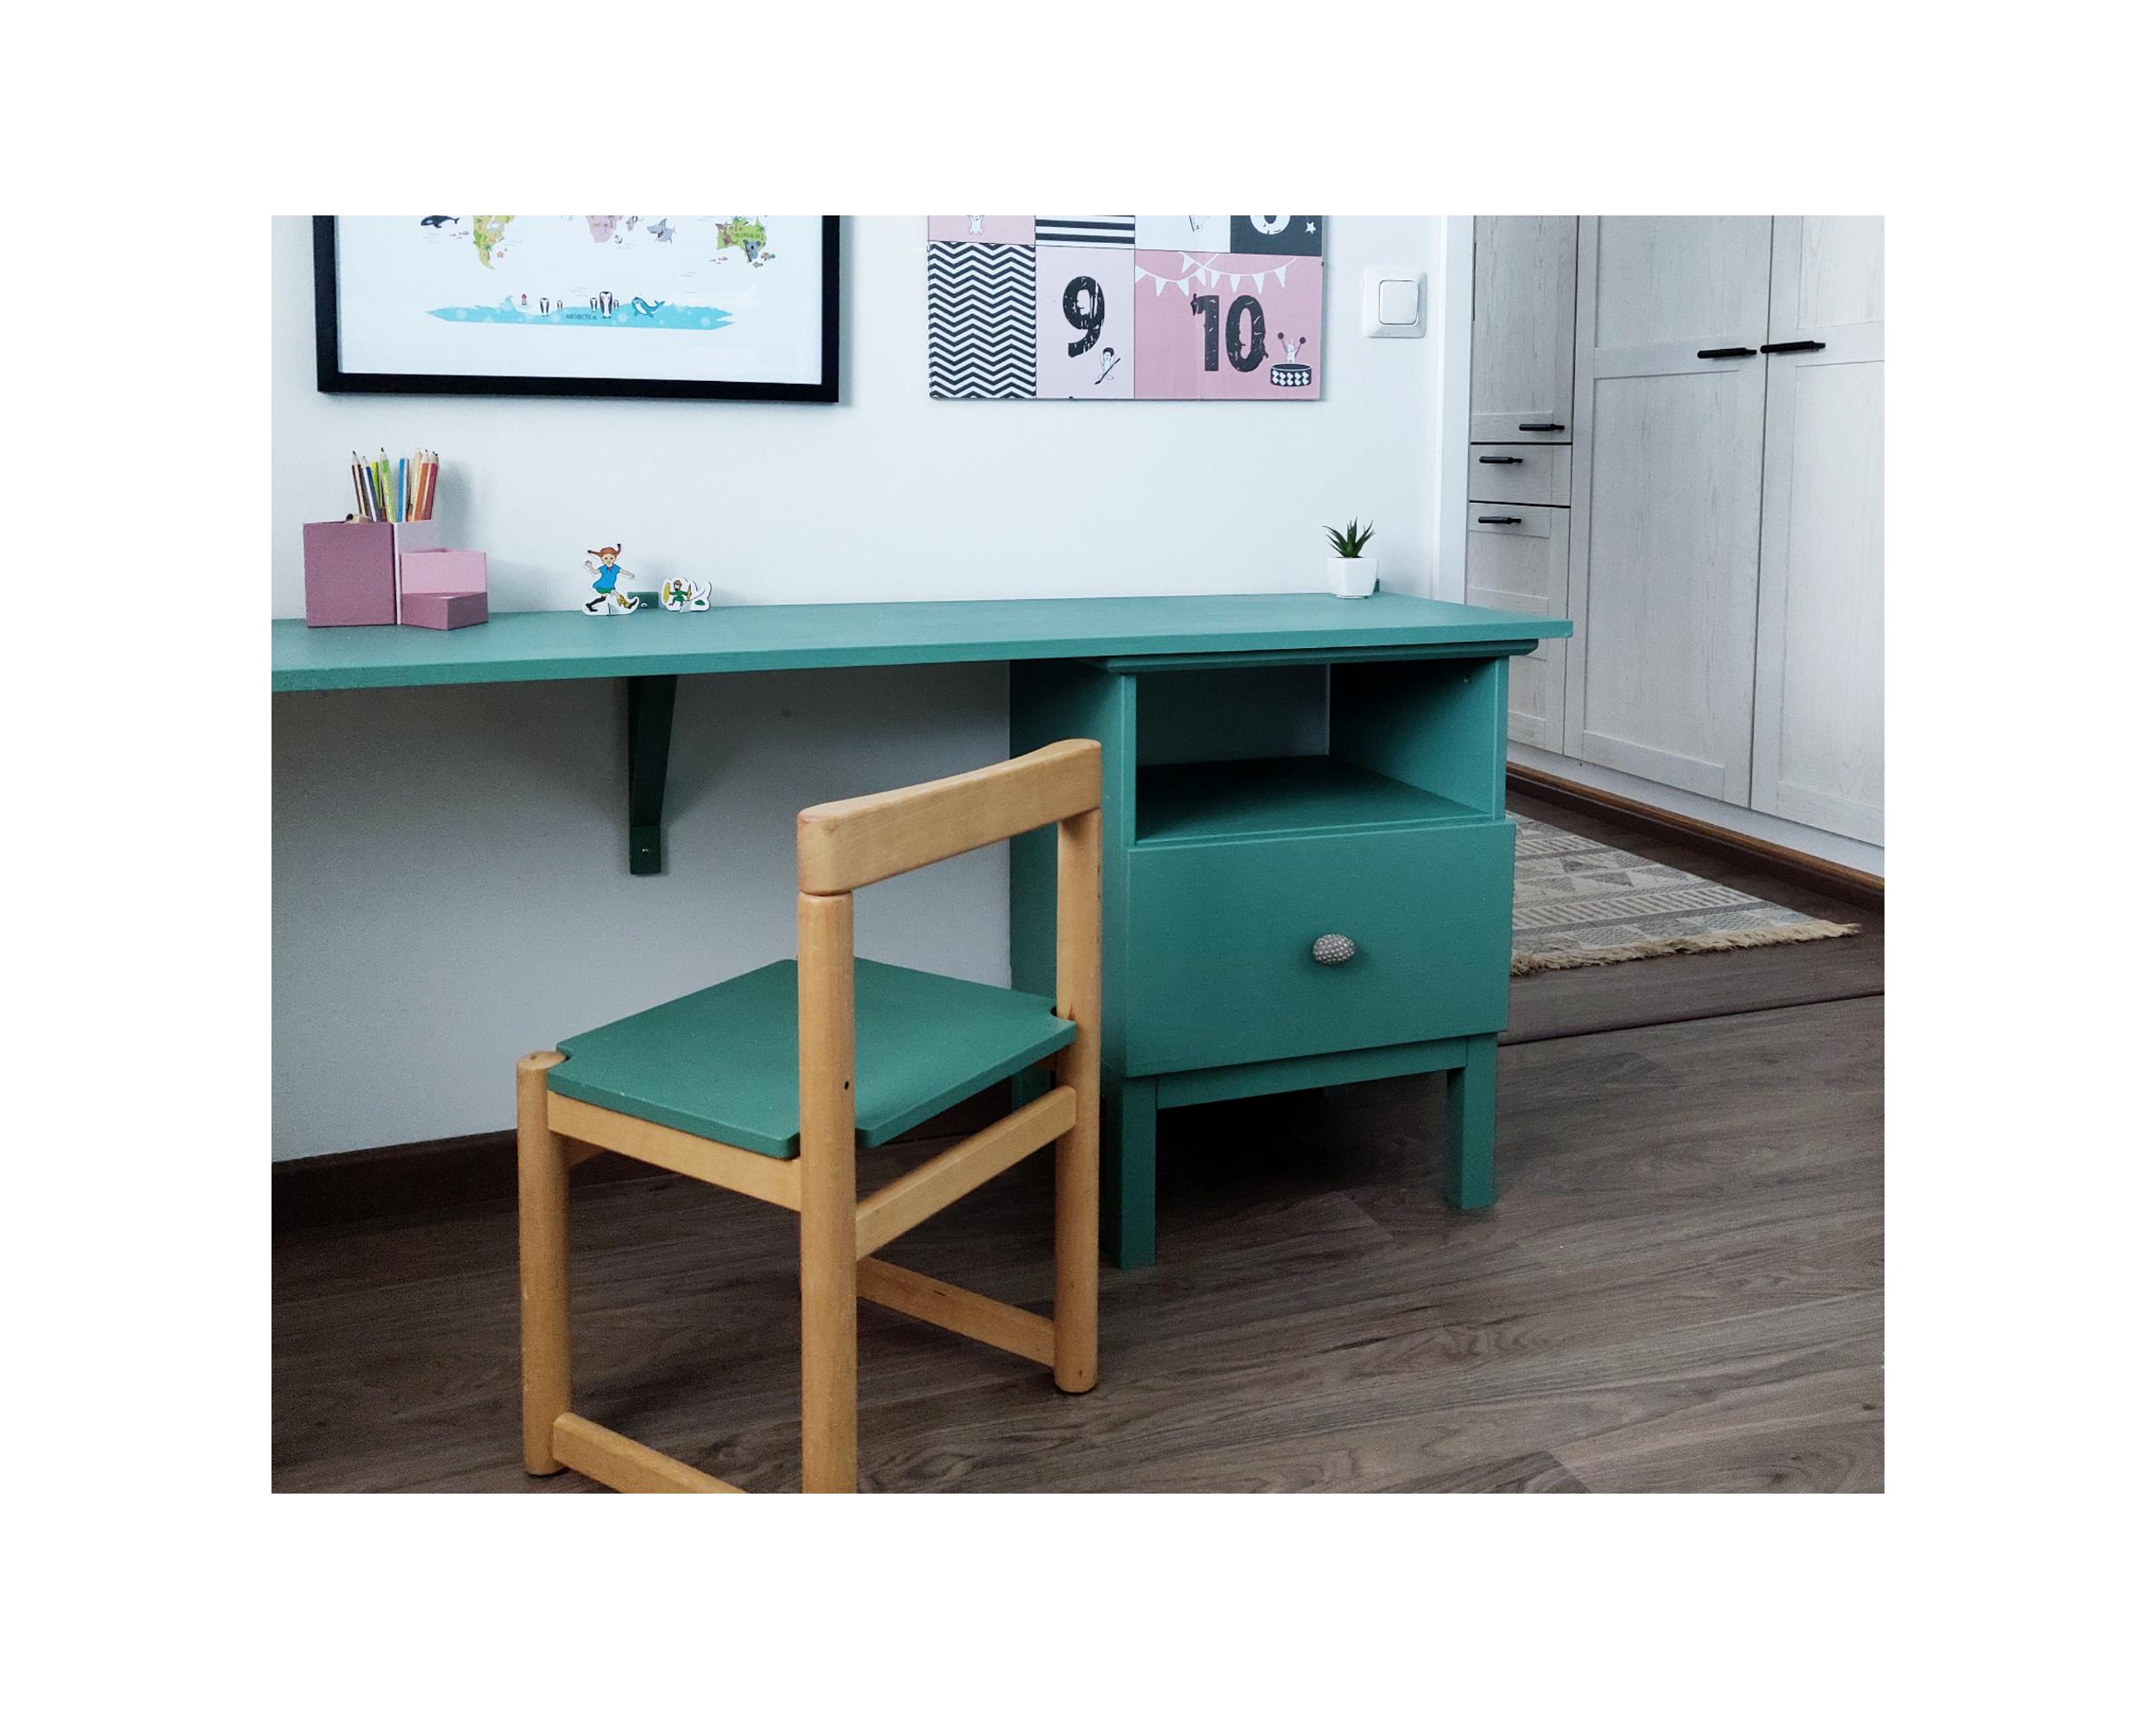 Lastenhuoneen työpöytä – DIY